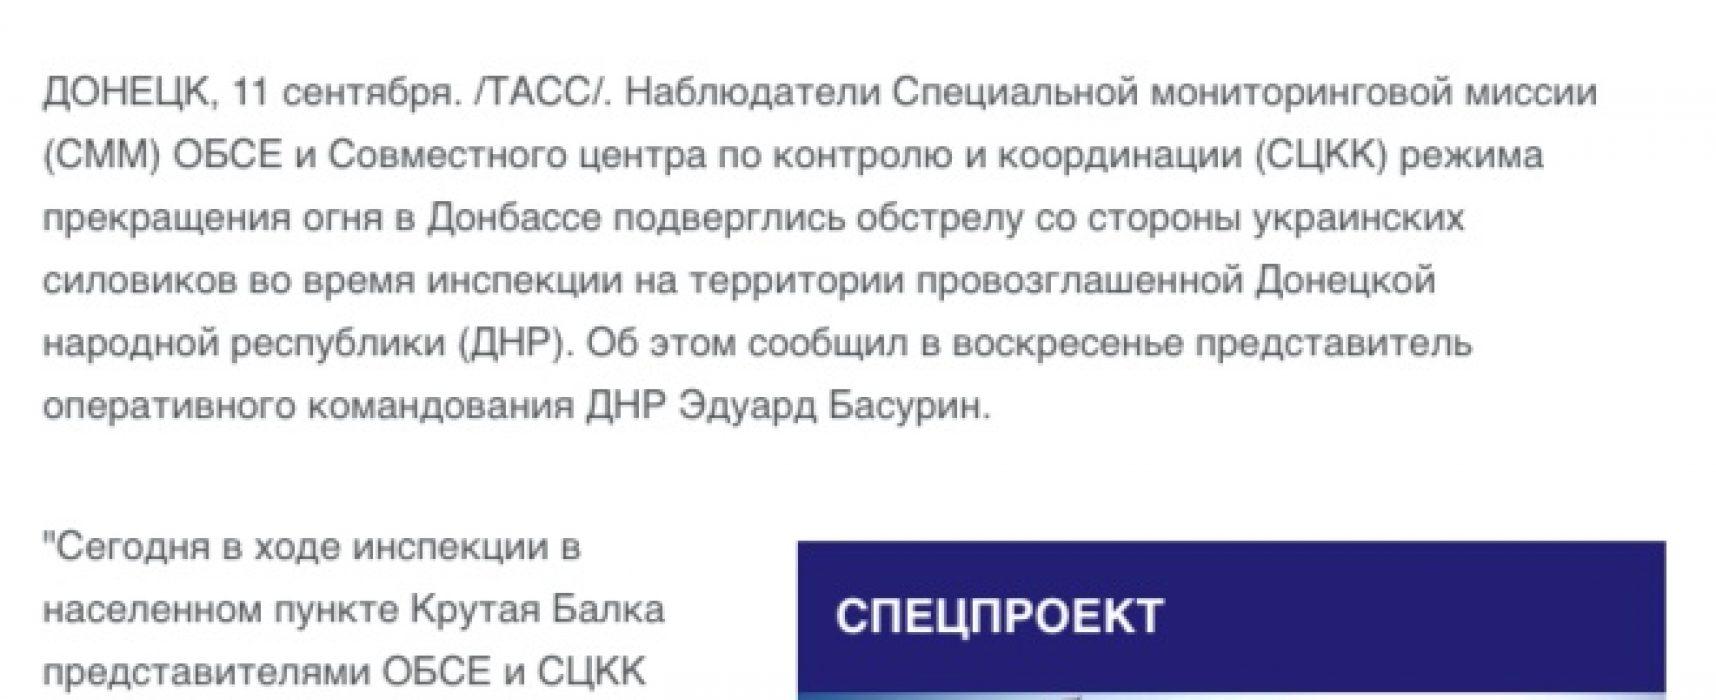 Фейк: ВСУ обстреляли представителей ОБСЕ во время инспекции